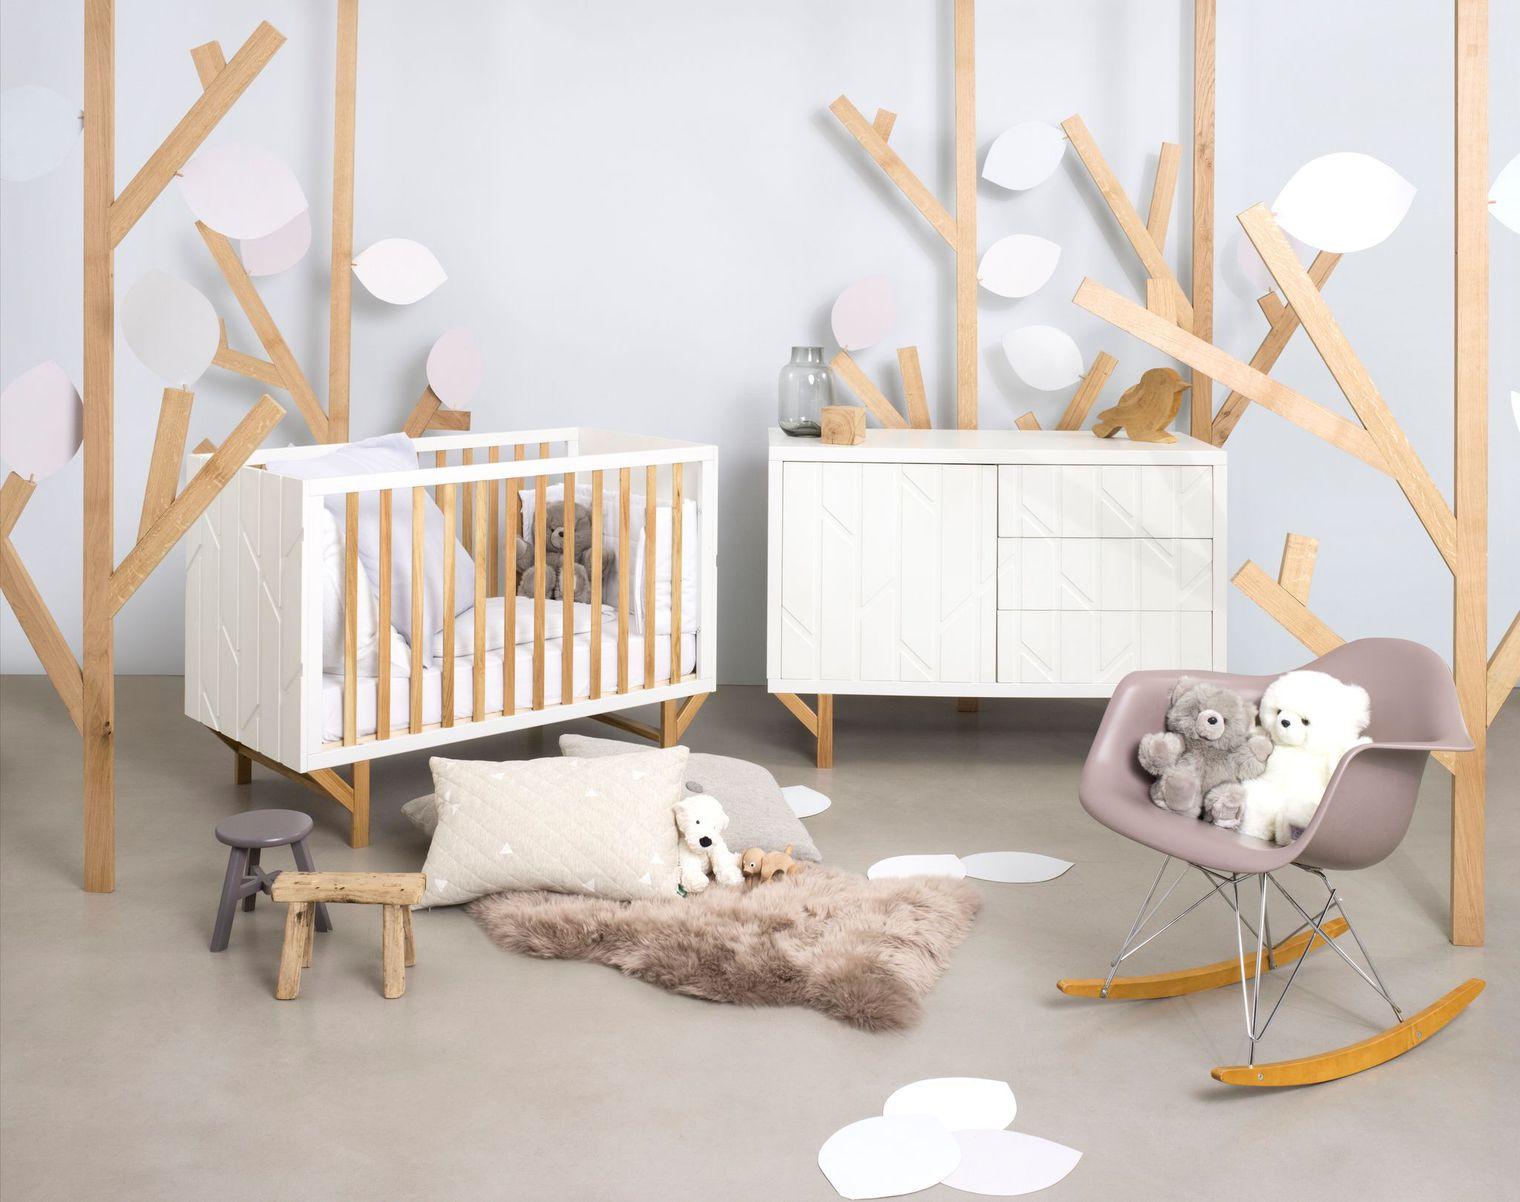 Quelle peinture utiliser pour chambre bébé